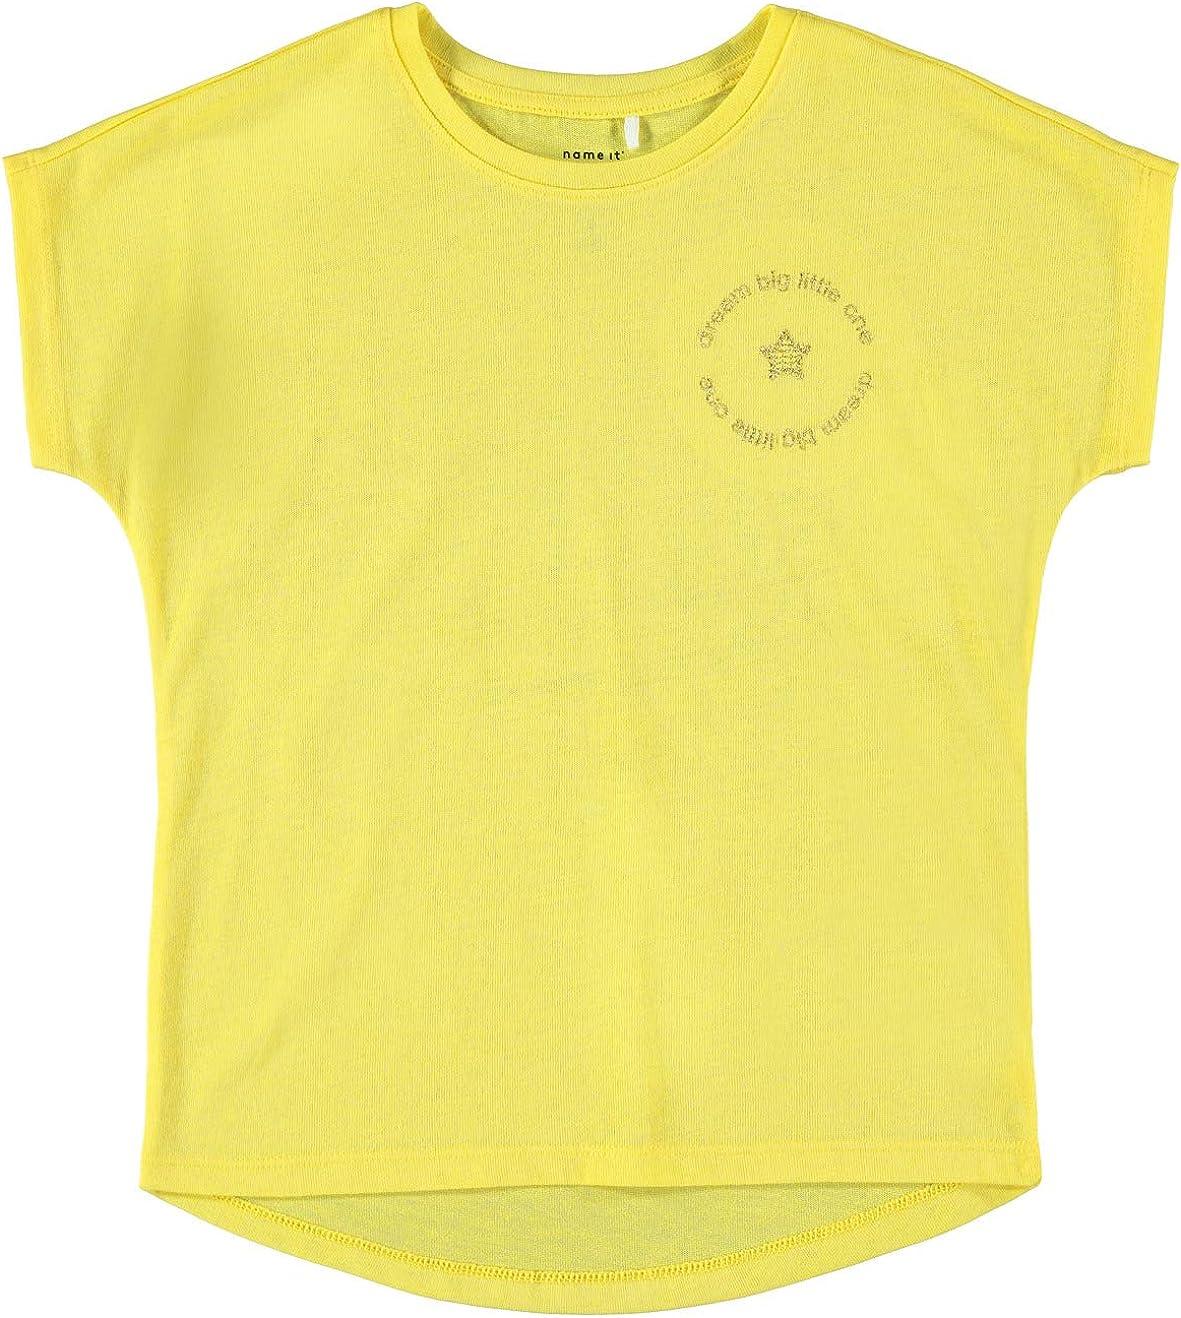 NAME IT M/ädchen Nkfdeniz Ss Top T-Shirt